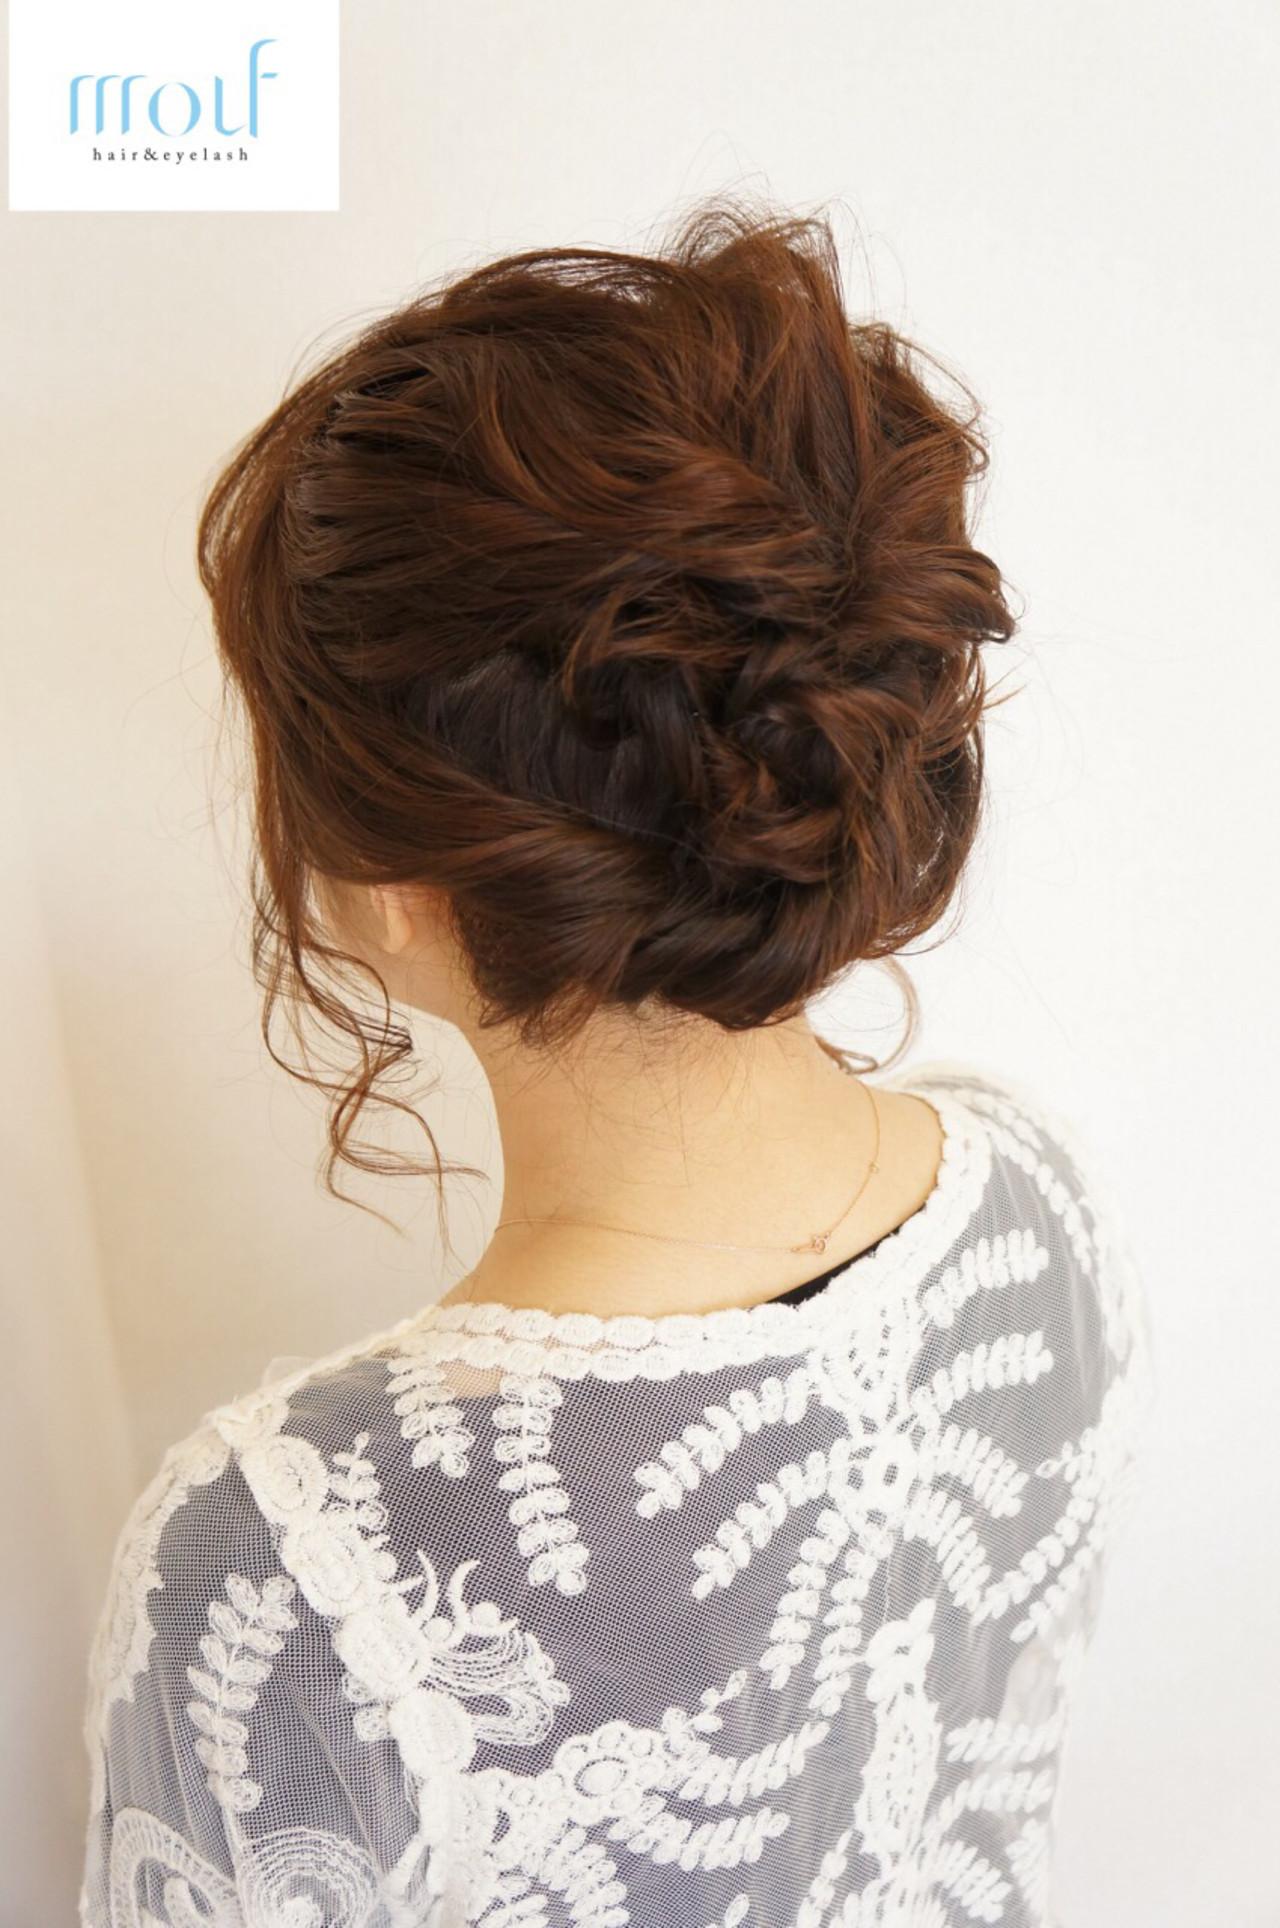 ミディアム くるりんぱ 波ウェーブ 編み込み ヘアスタイルや髪型の写真・画像